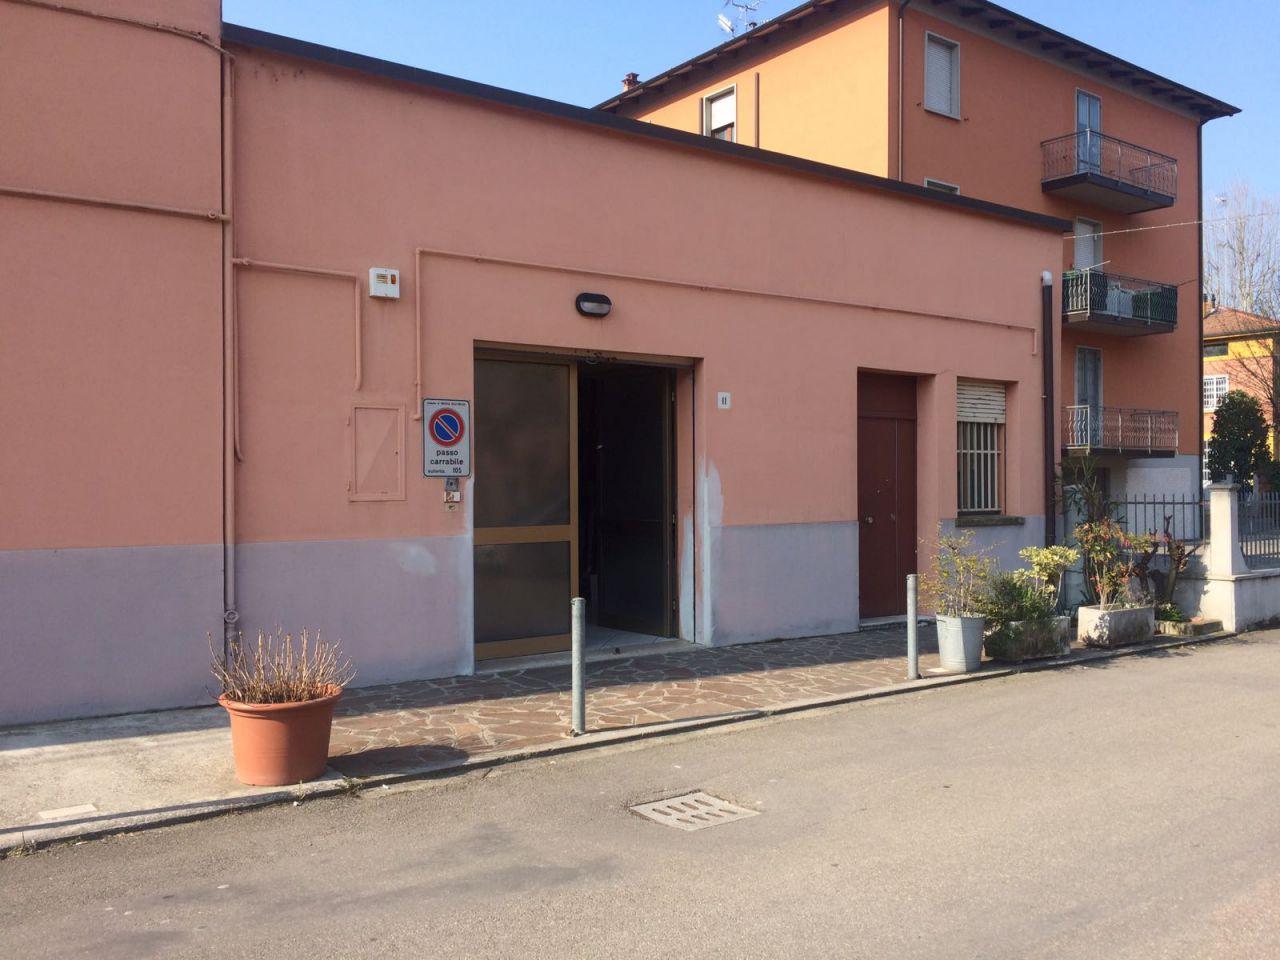 Magazzino in affitto a Anzola dell'Emilia, 3 locali, prezzo € 750 | CambioCasa.it